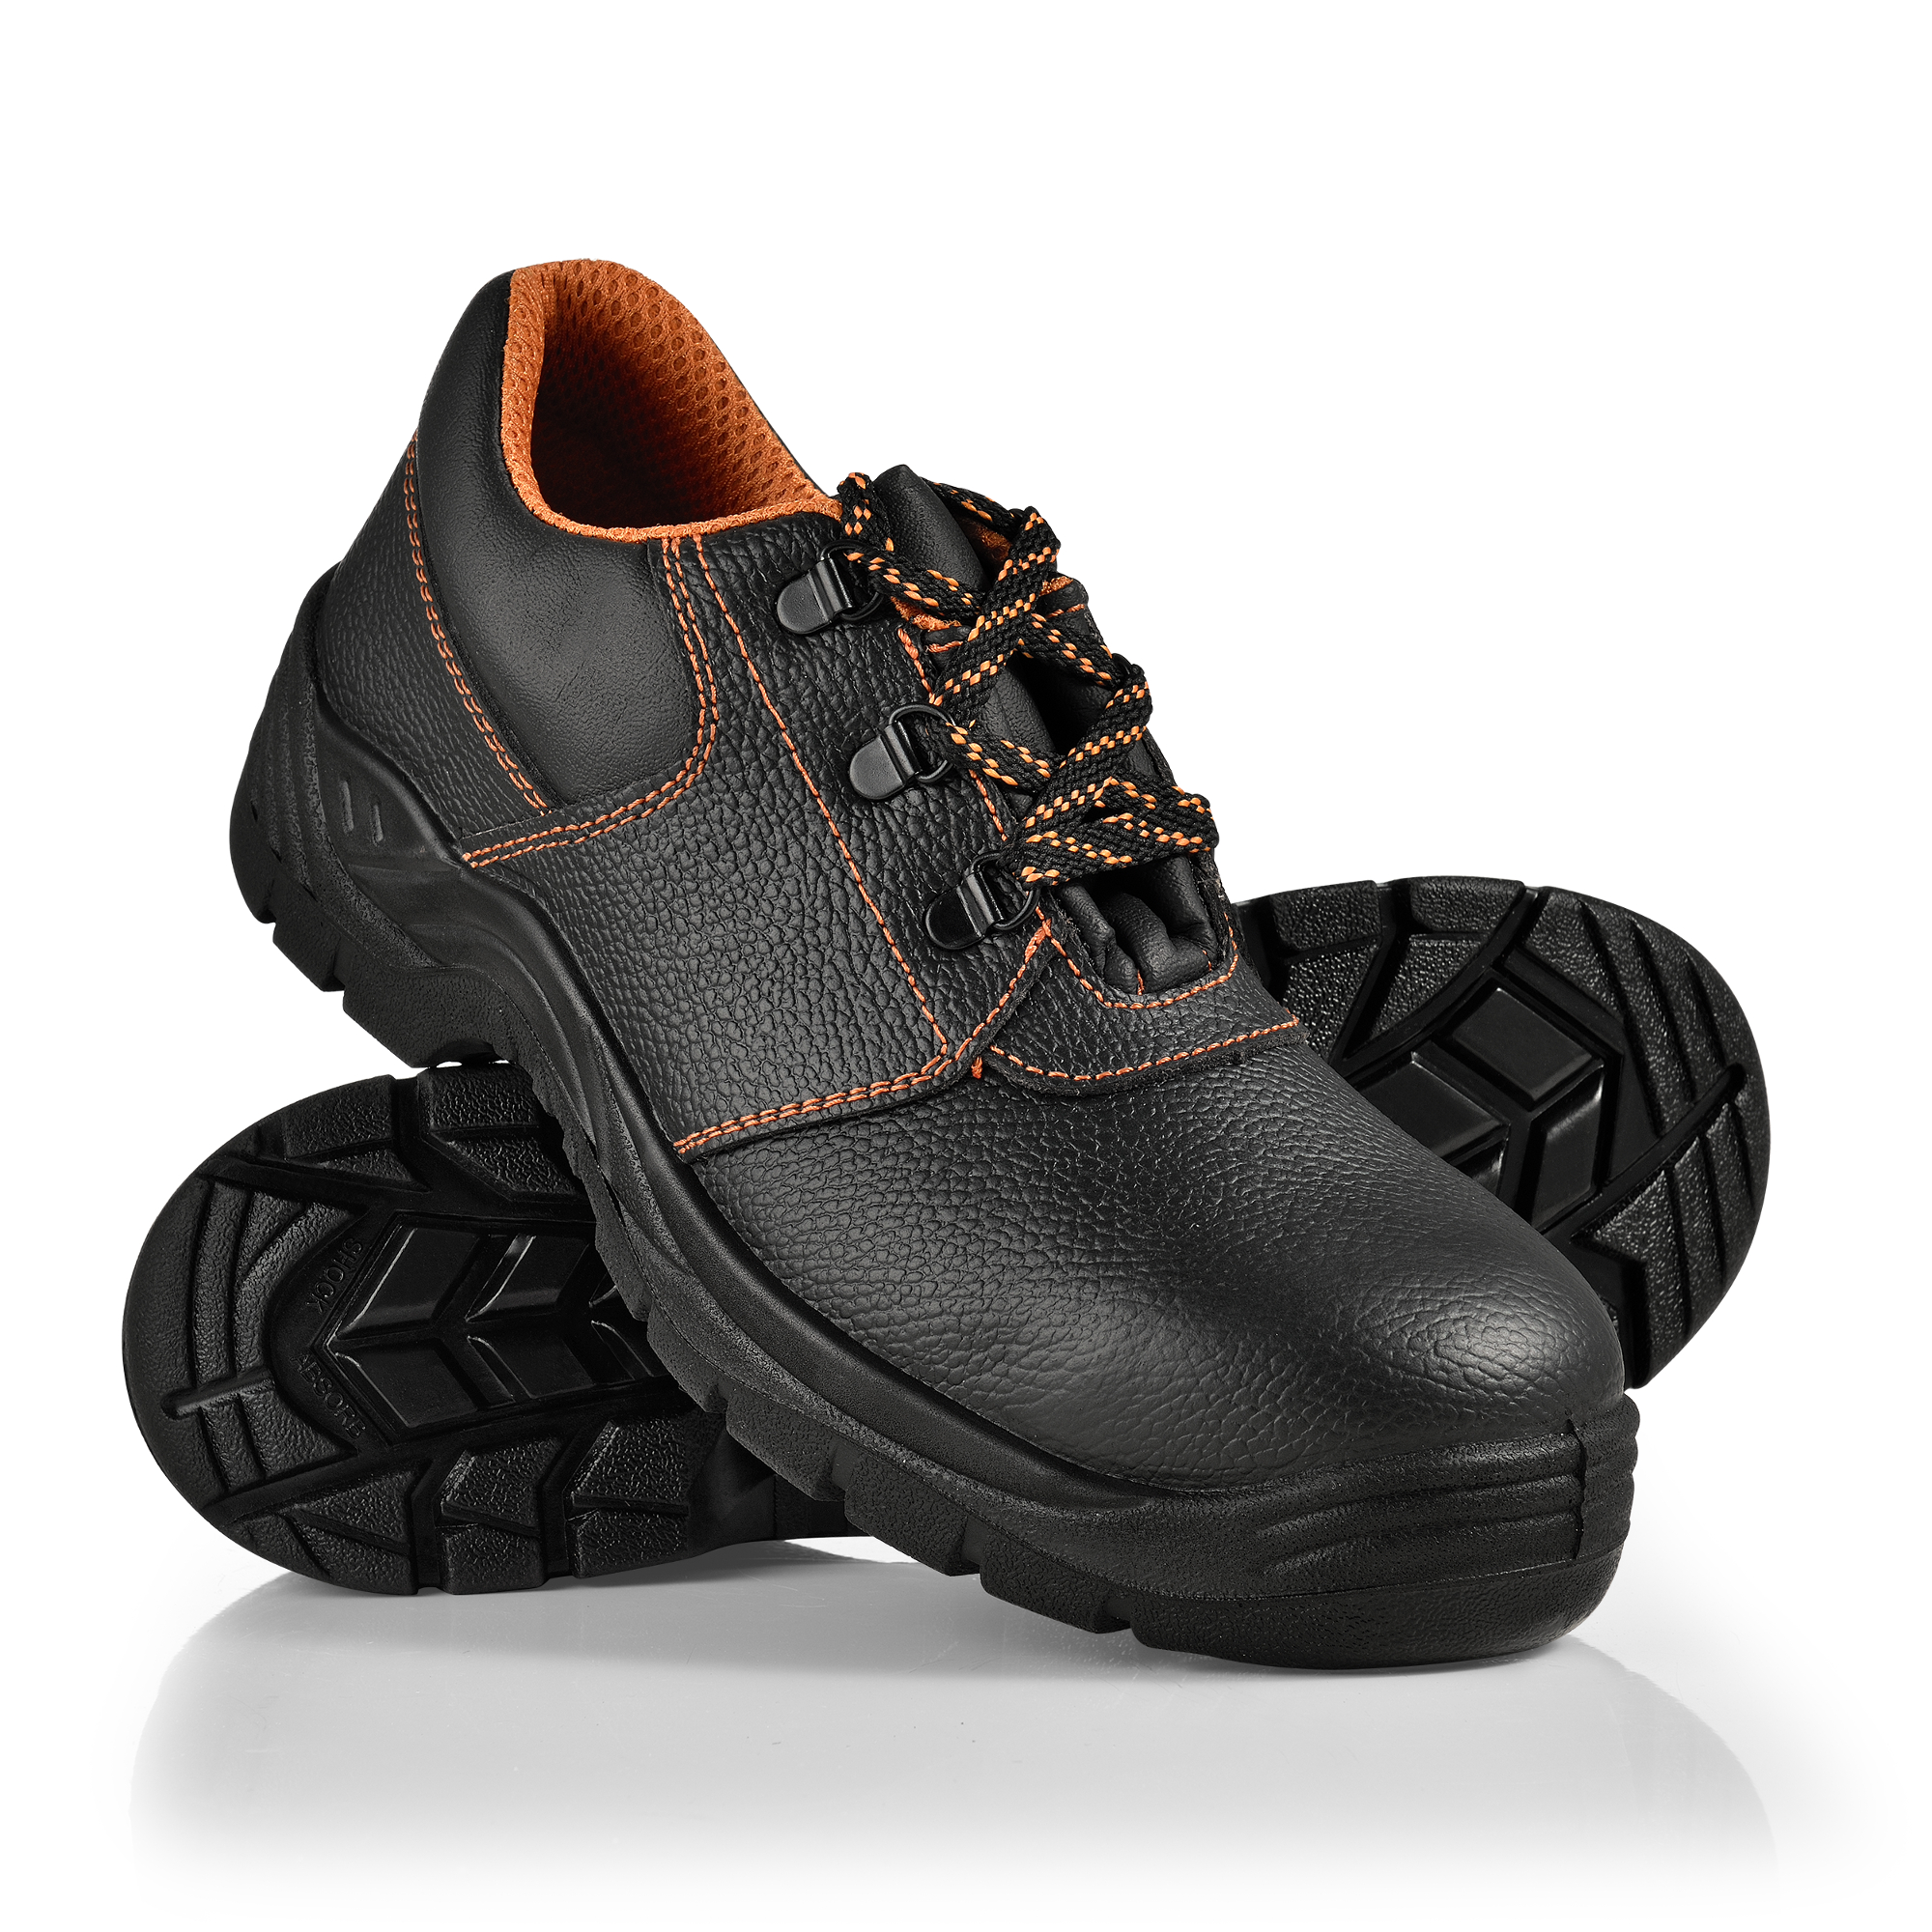 [pro.tec]® Pracovní obuv AAWS-4805 - polobotka - S3